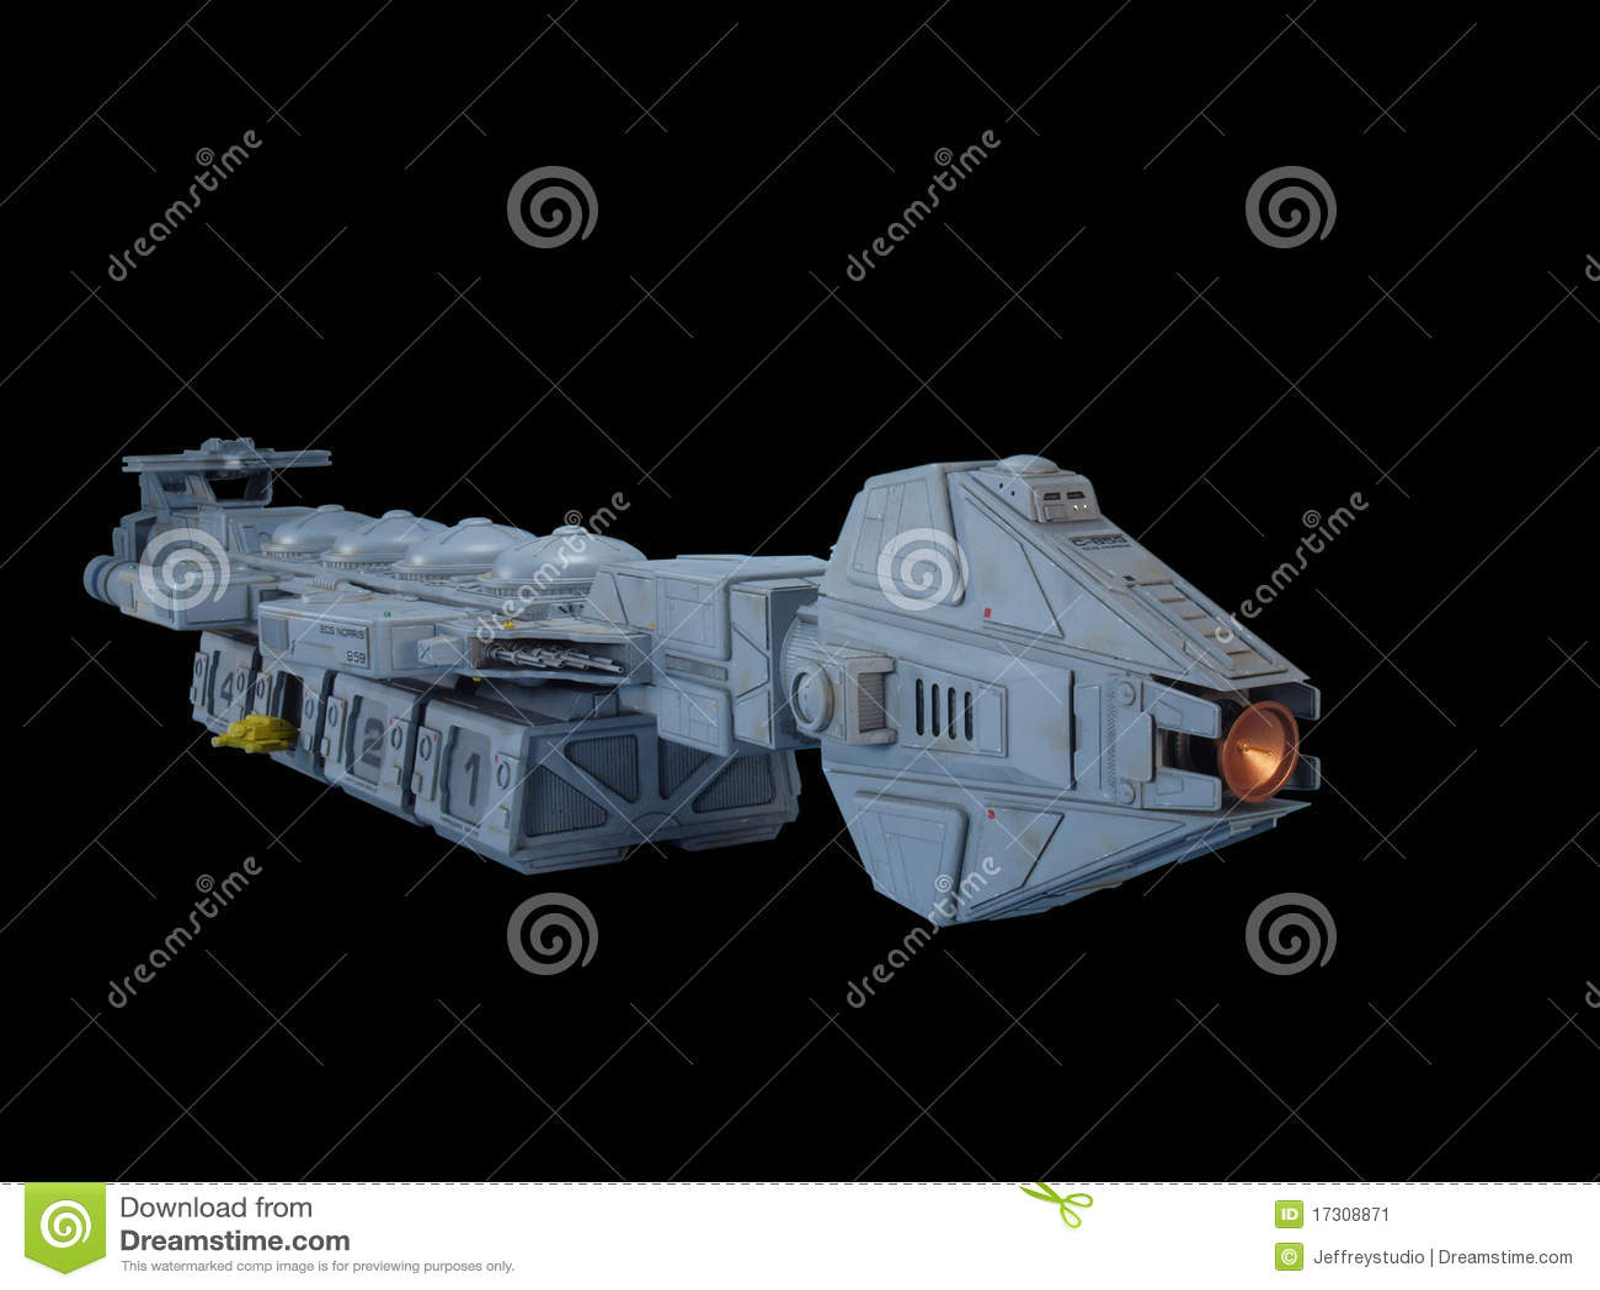 Vorderansicht des Ladungraumschiffes